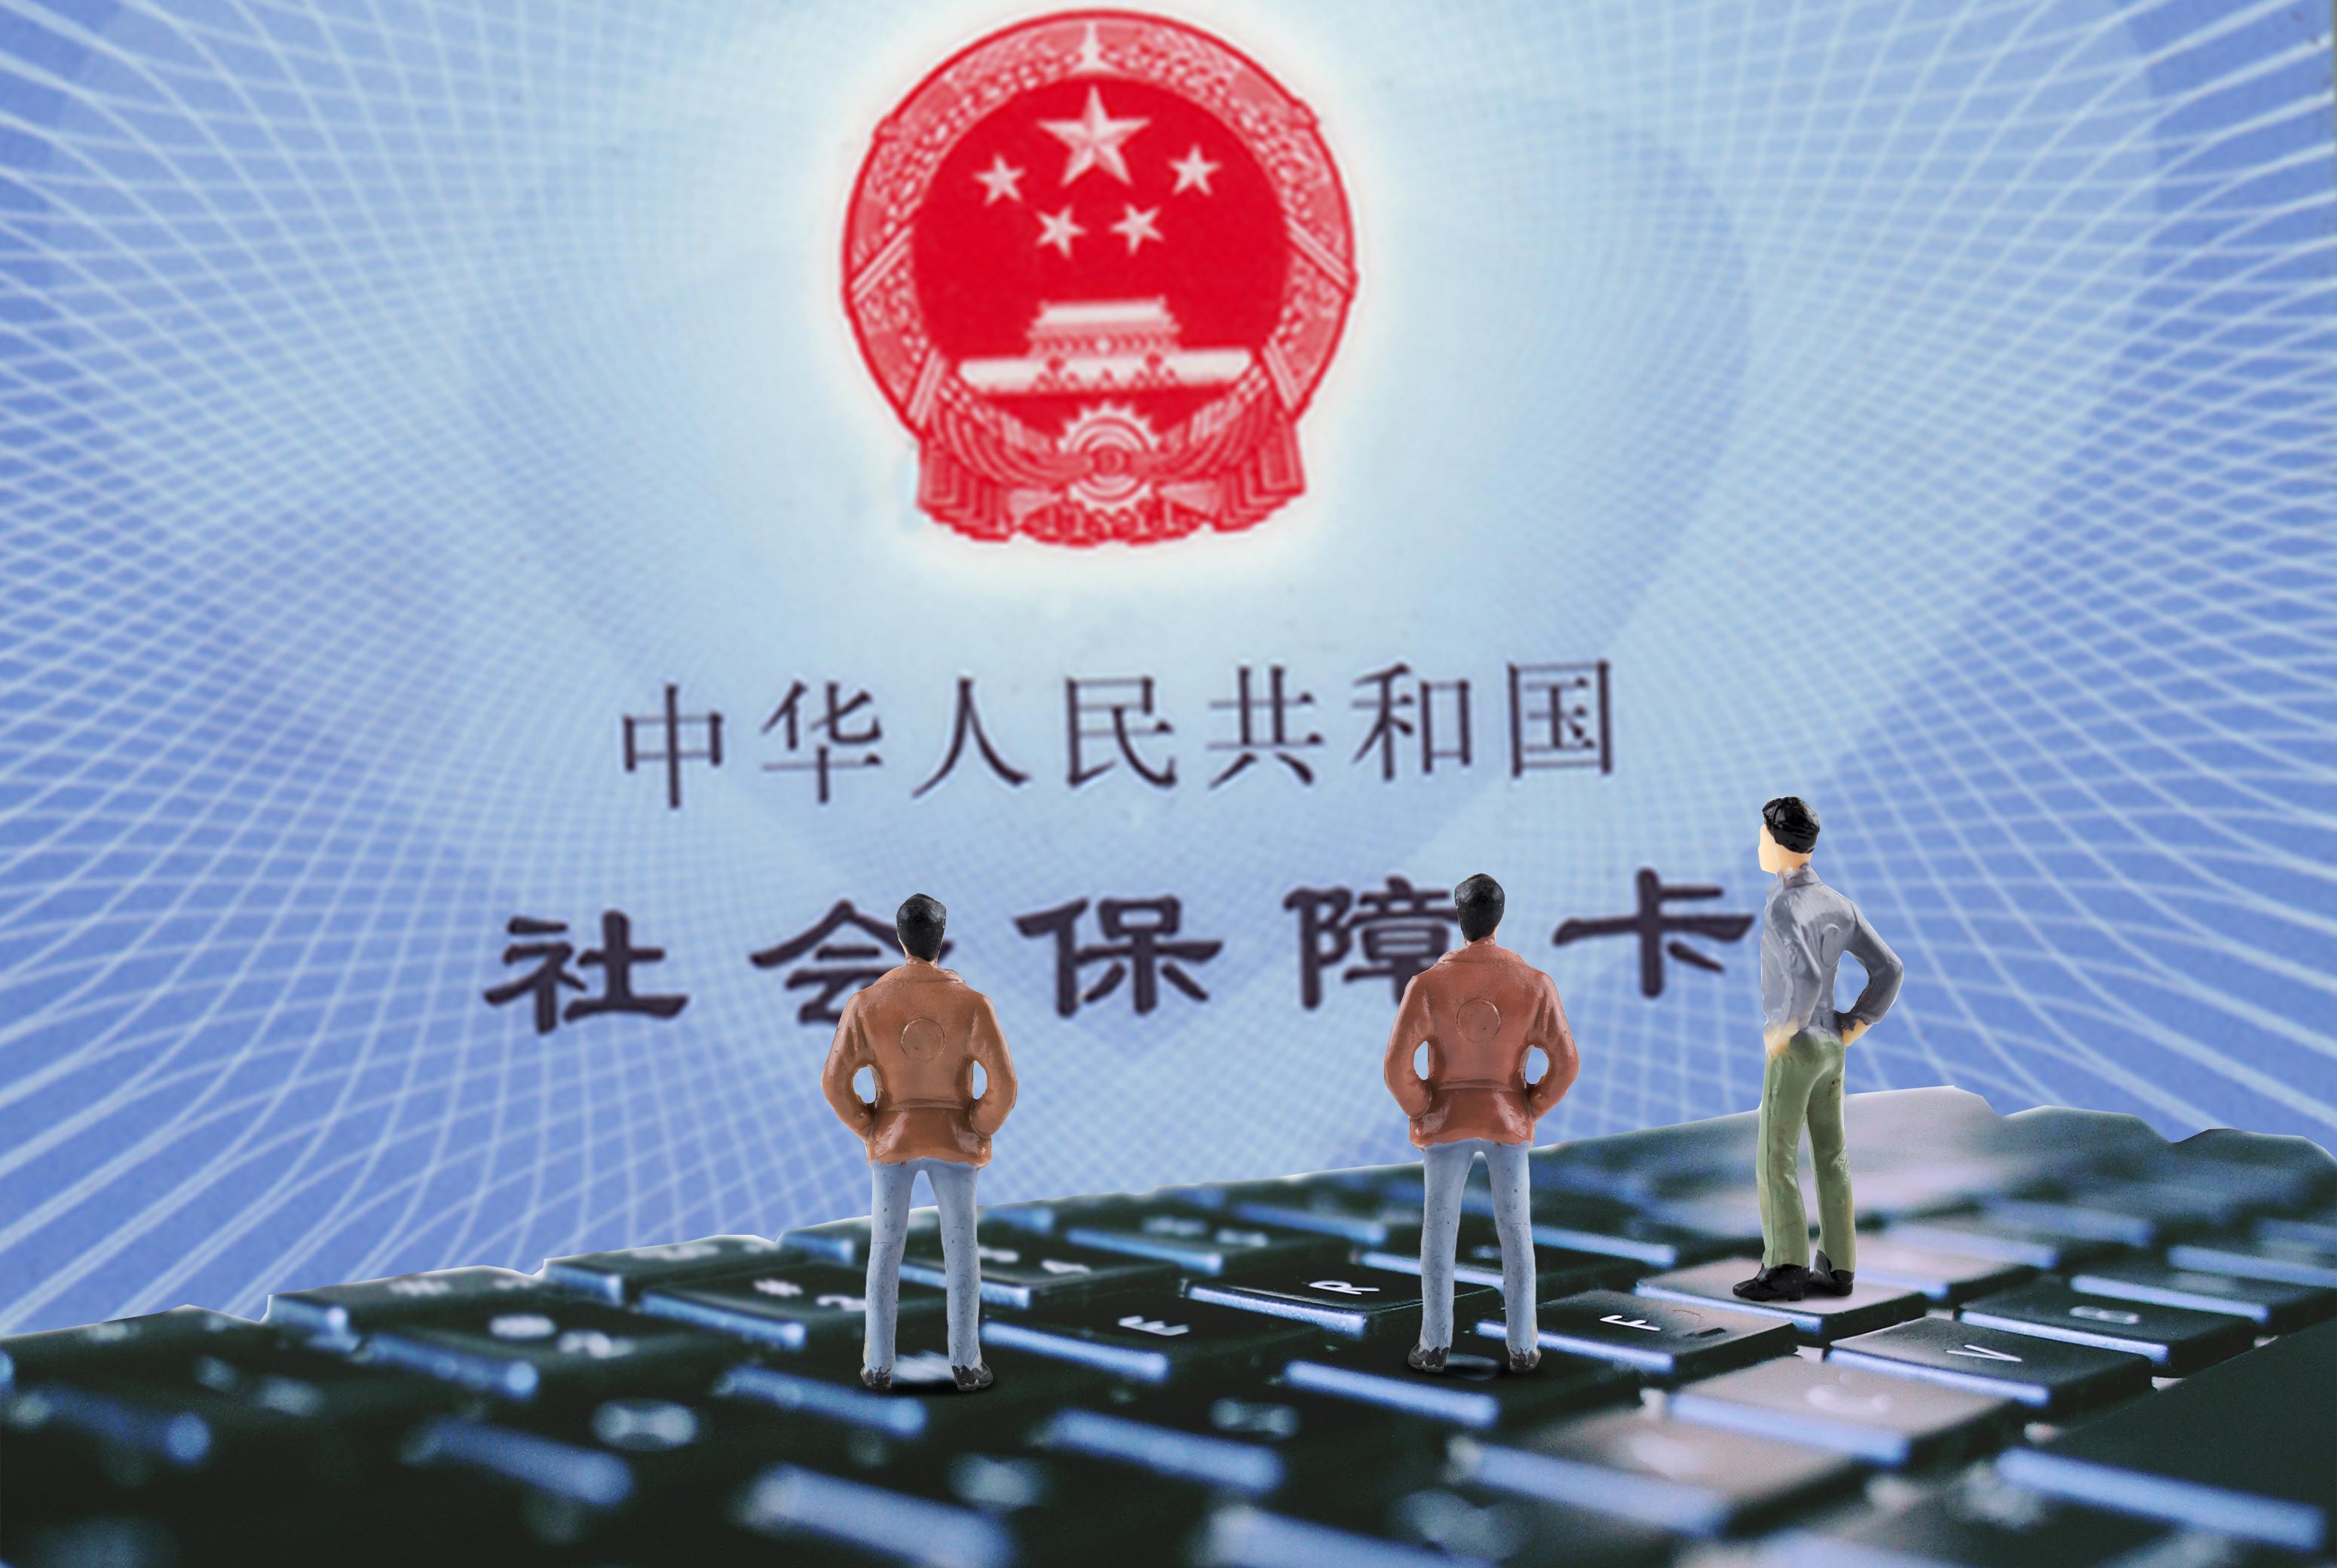 上海程序员辞职后社保忽然断缴 有必要自行购买社保吗?